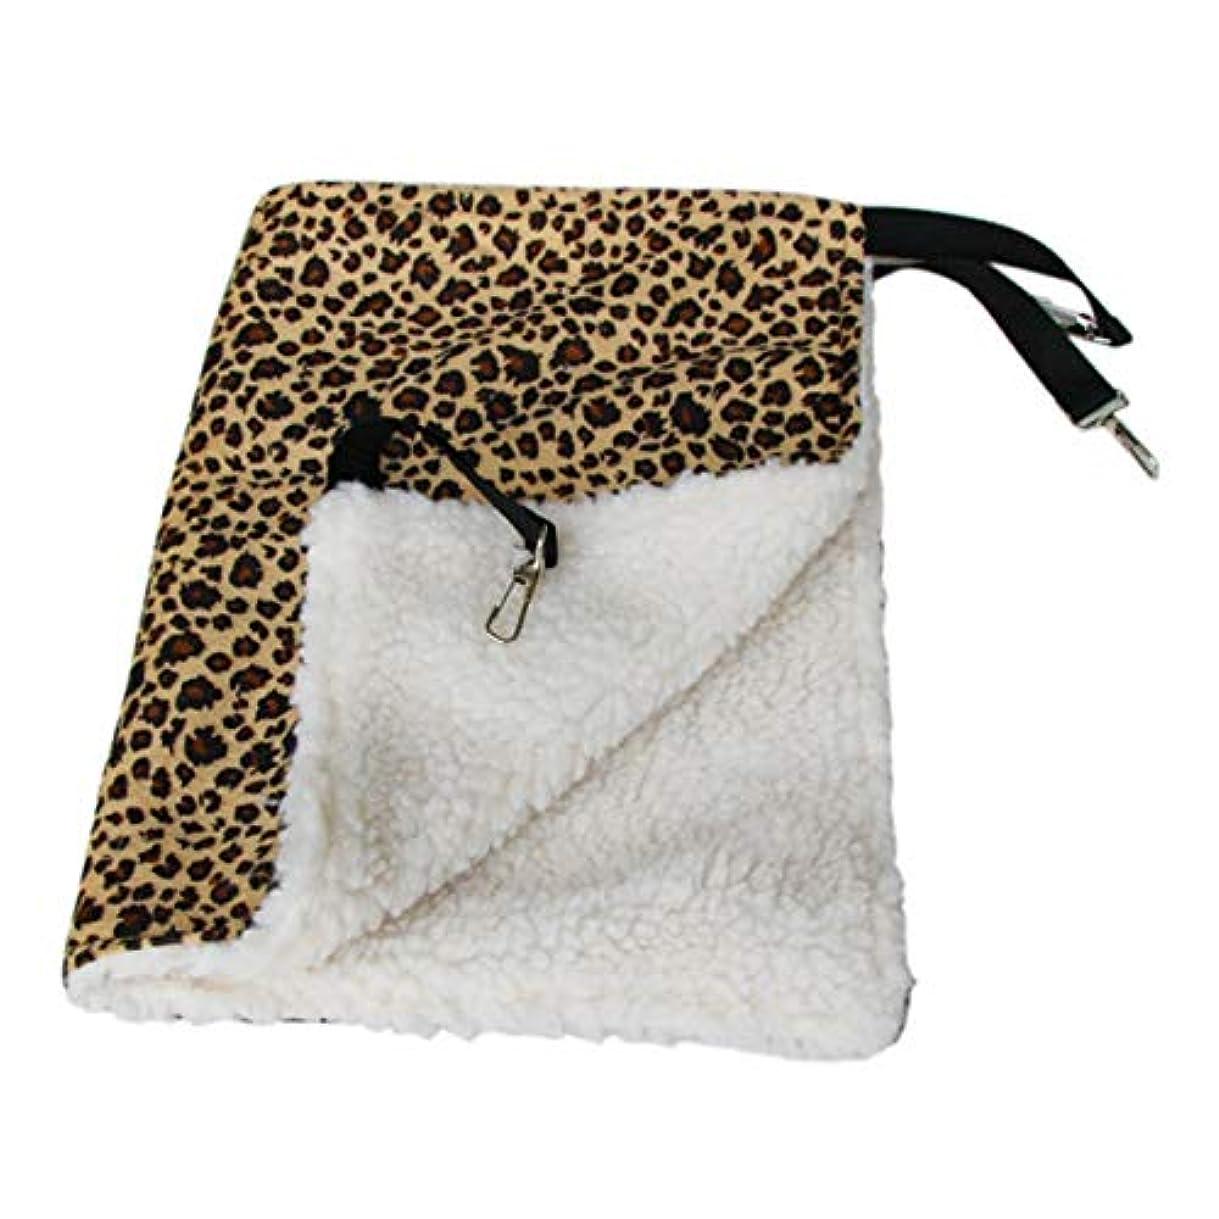 八百屋さん称賛配置Saikogoods 暖かいハンギング猫ベッドマットソフトキャットハンモック冬ハンモックペット子猫ケージベッドカバークッションエアベッドペット 黄 L